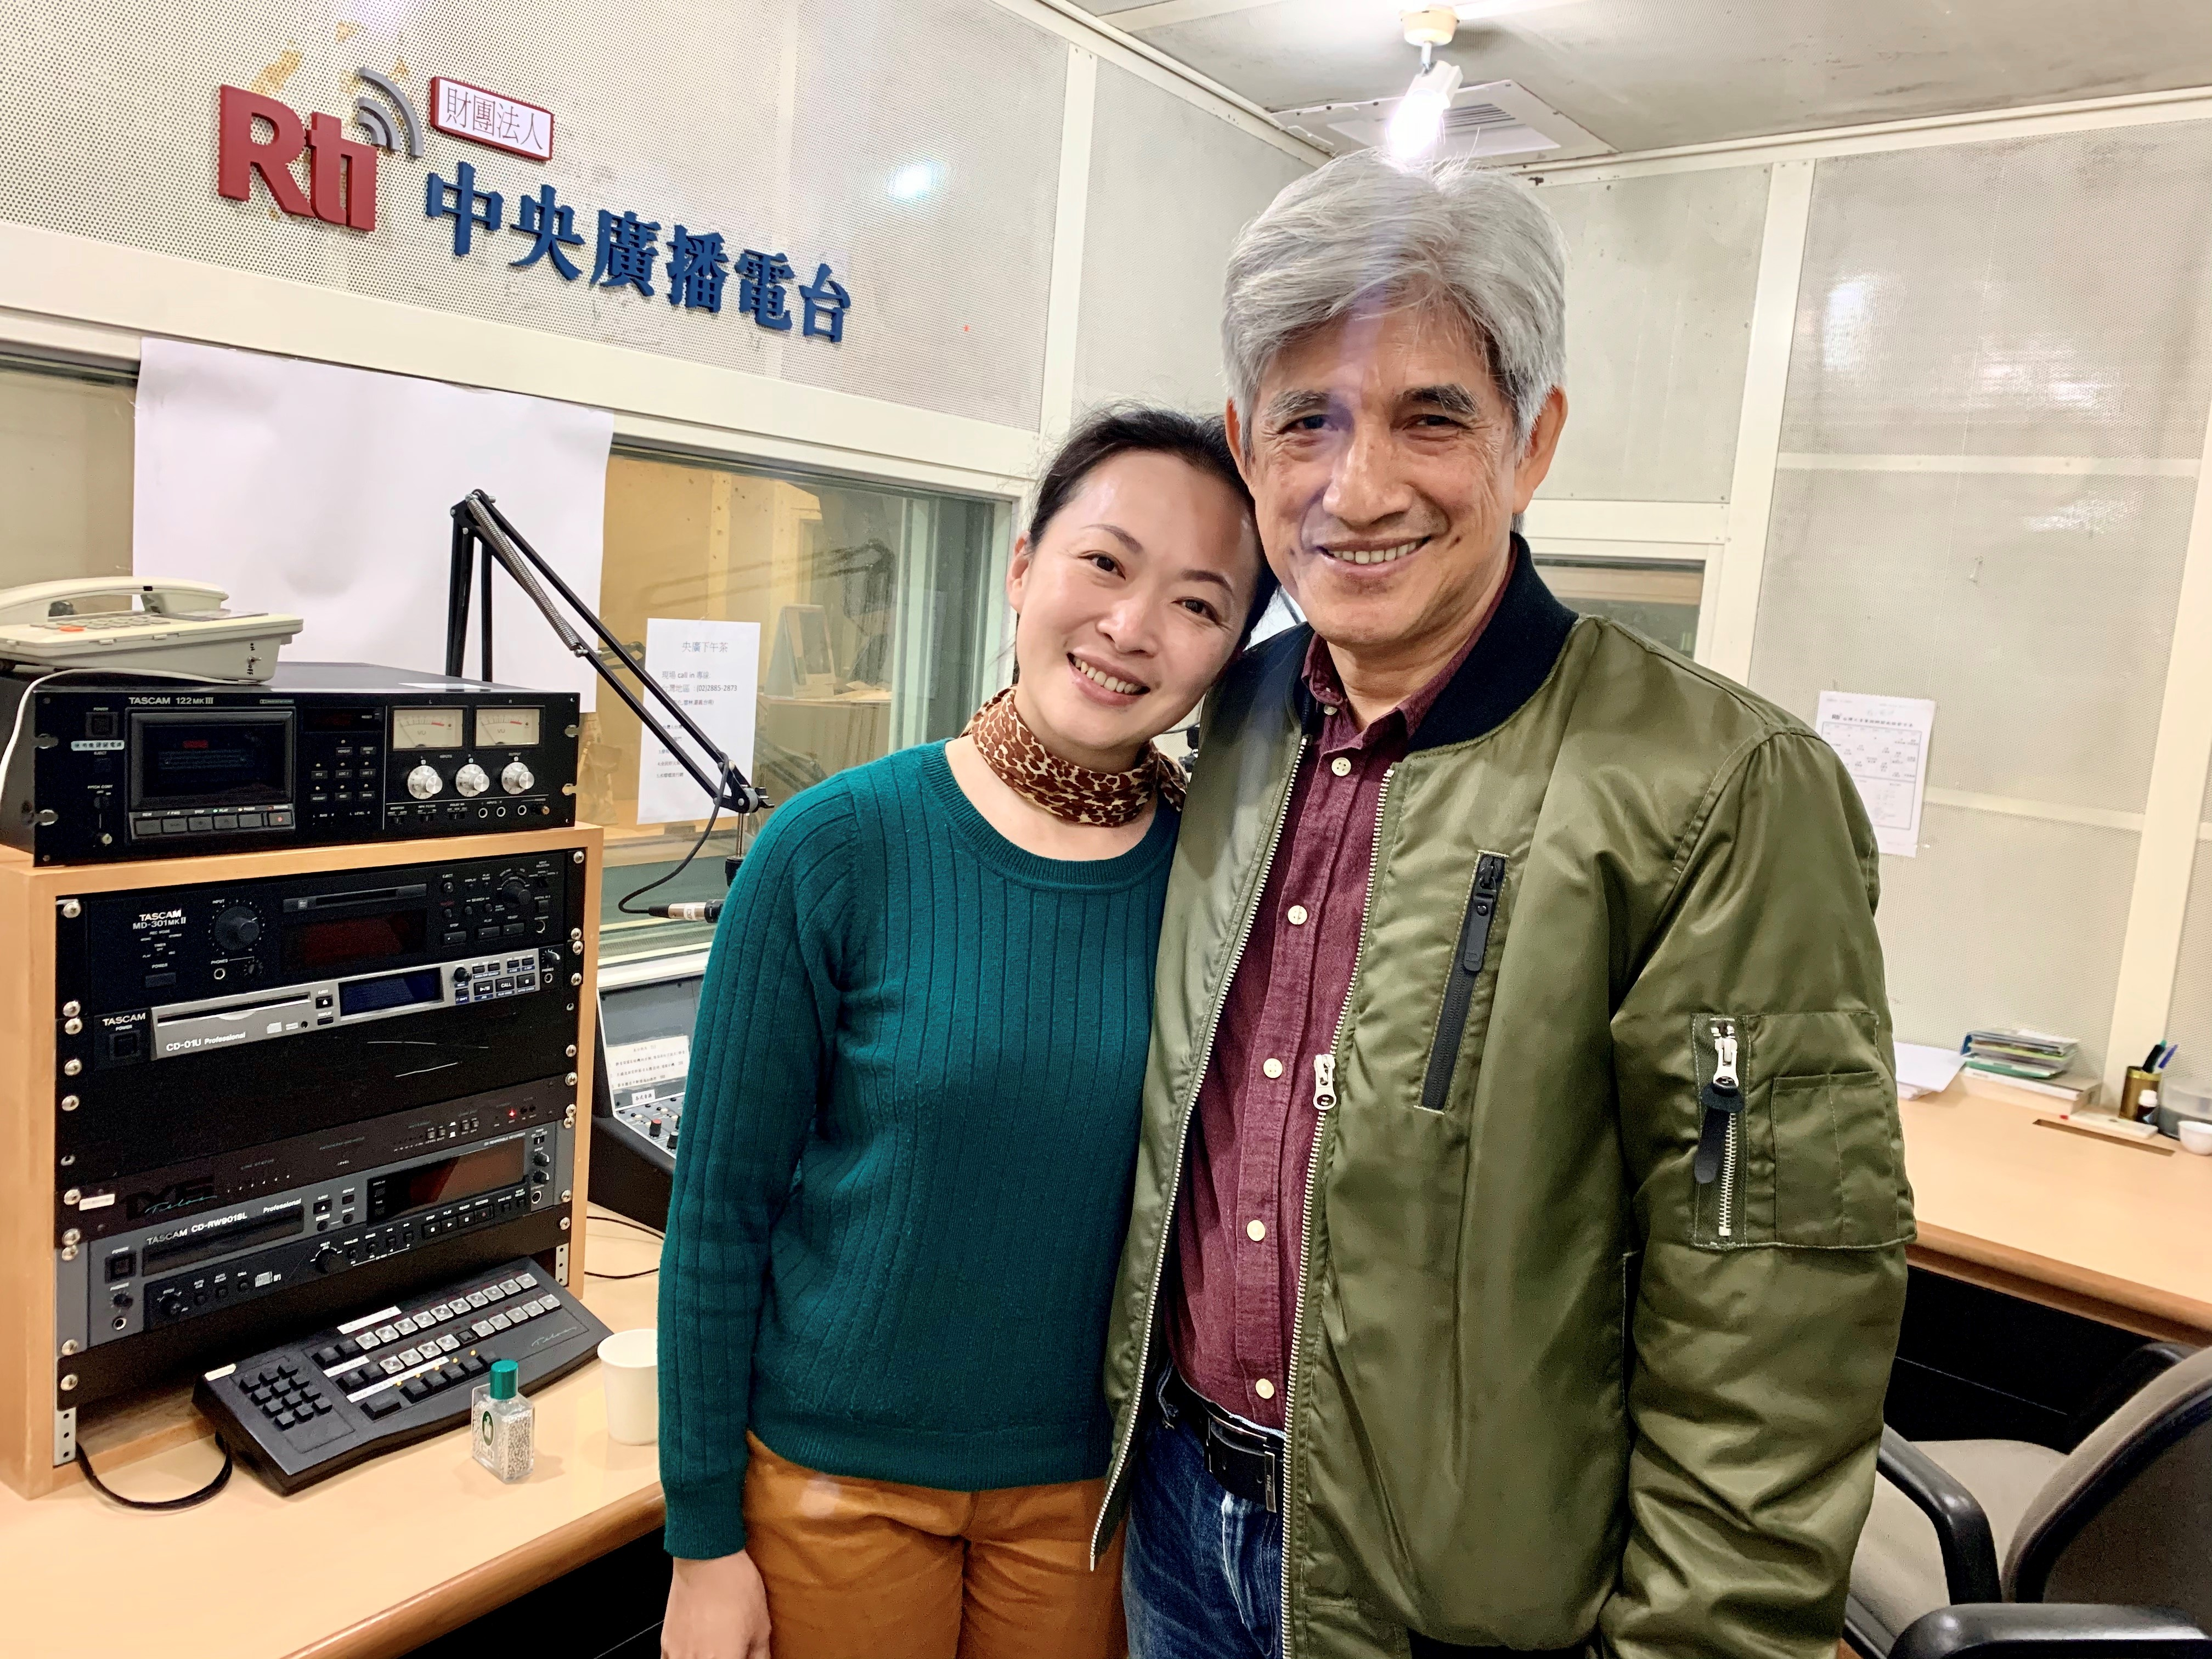 專訪舞蹈家林雅嵐-朱文走鬼